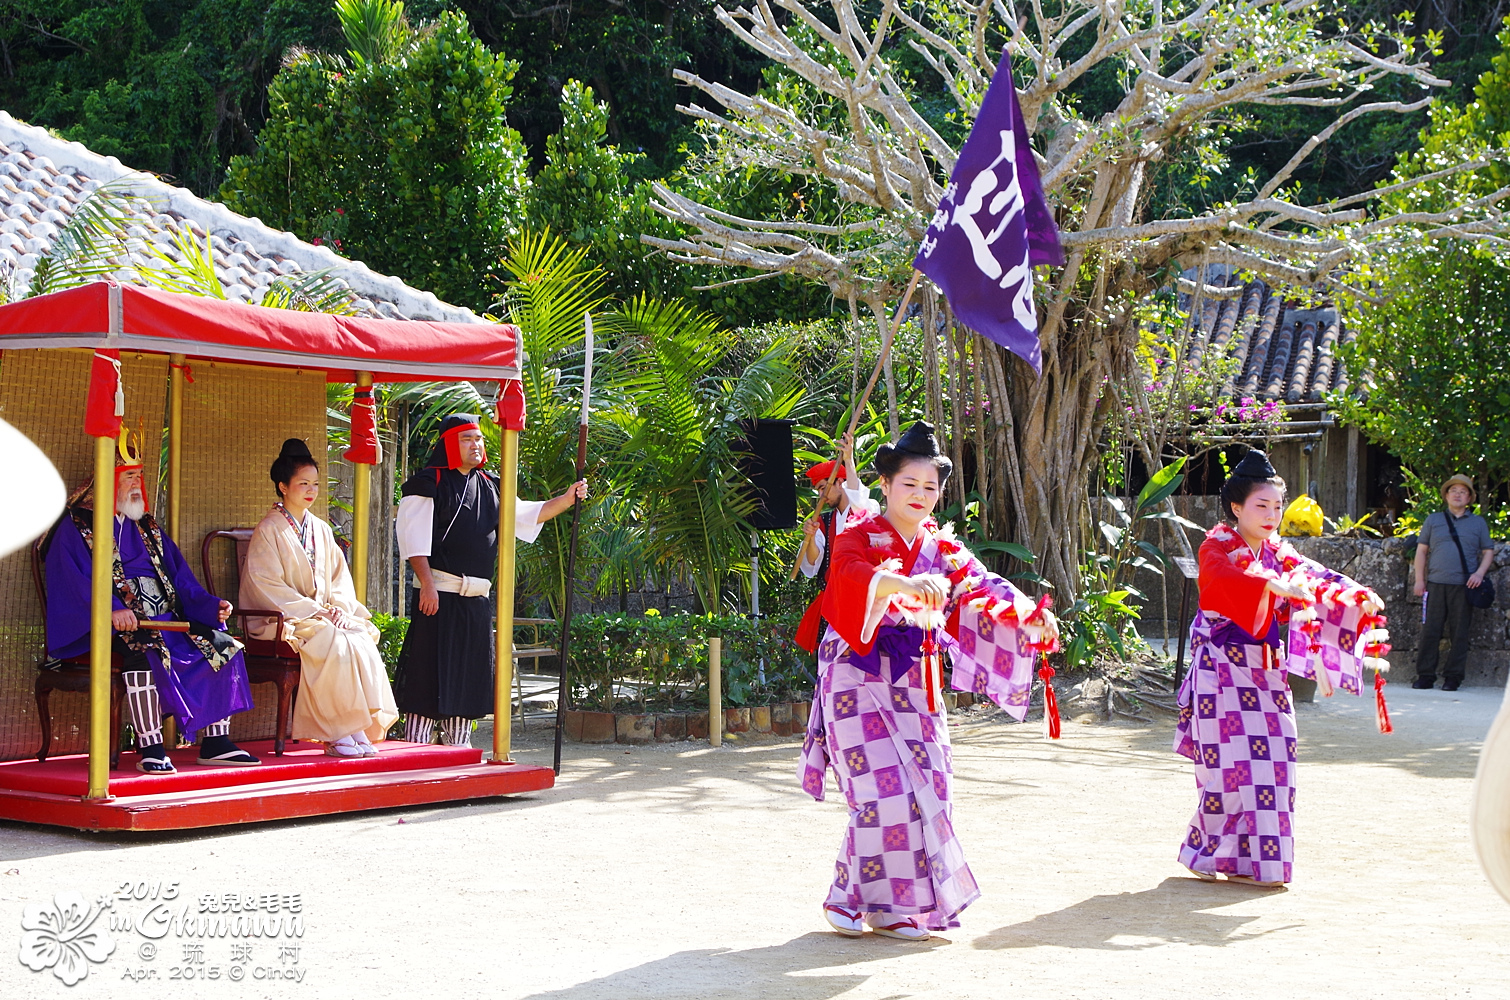 2015-0407-琉球村-24.jpg